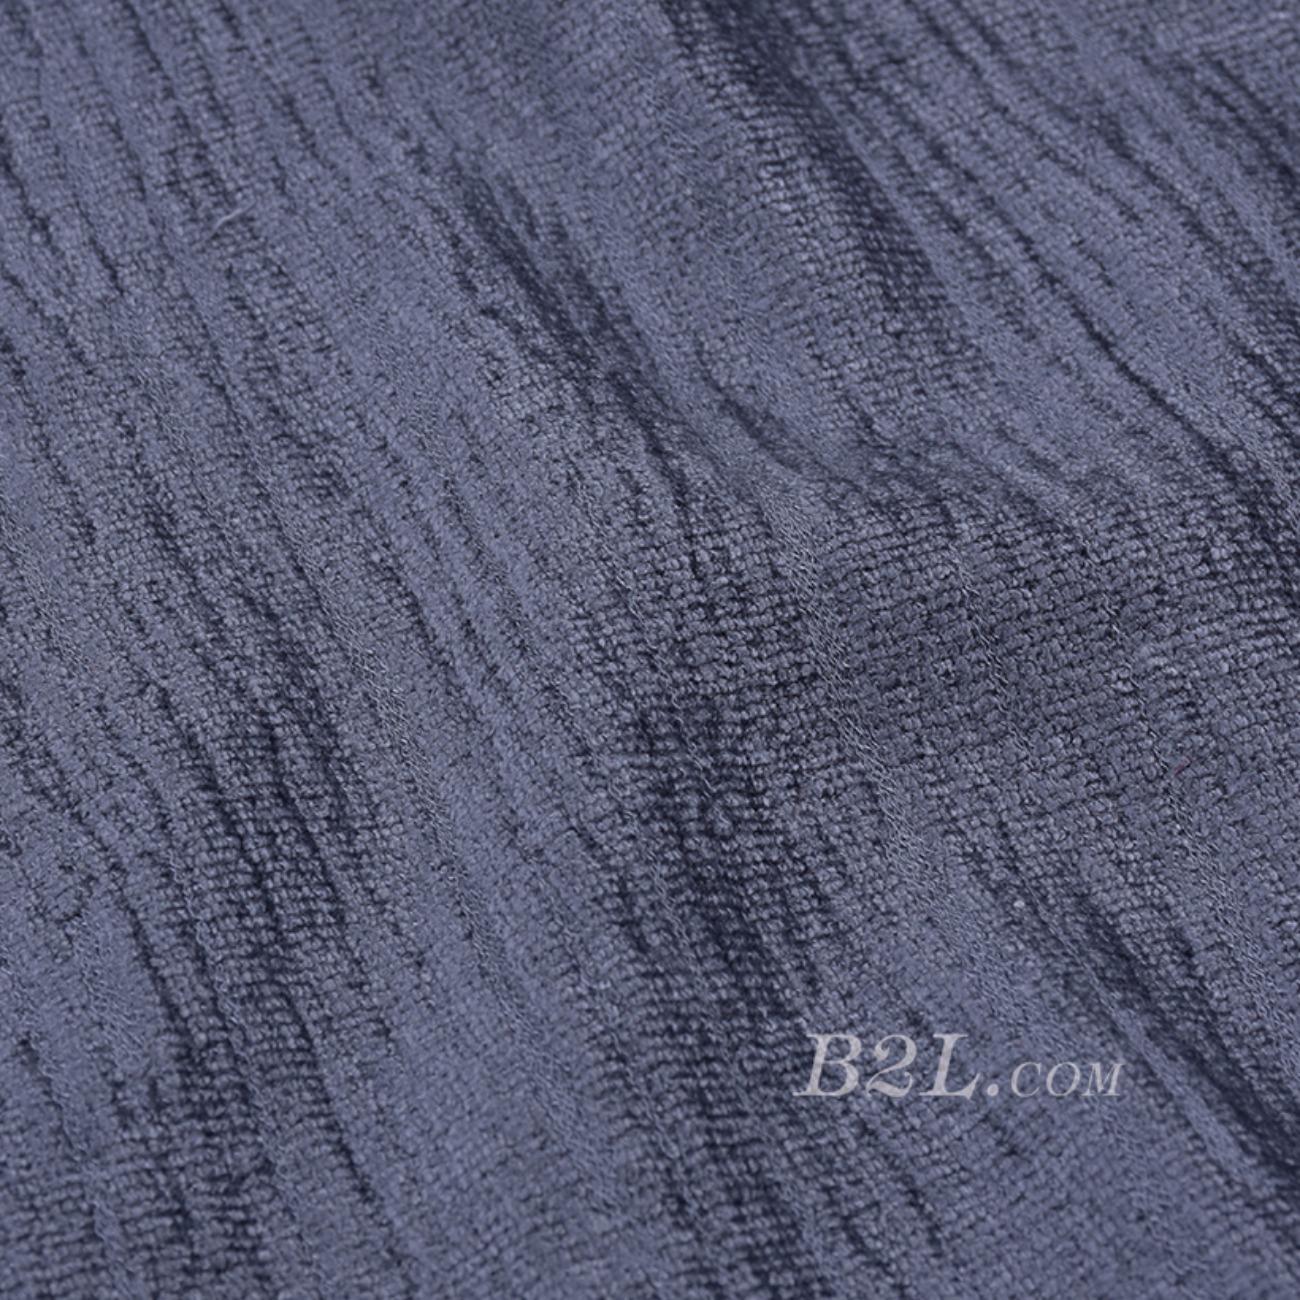 素色 针织 染色 乱纹 高弹 针织衫 T恤 连衣裙 春秋 男装 女装 80518-16